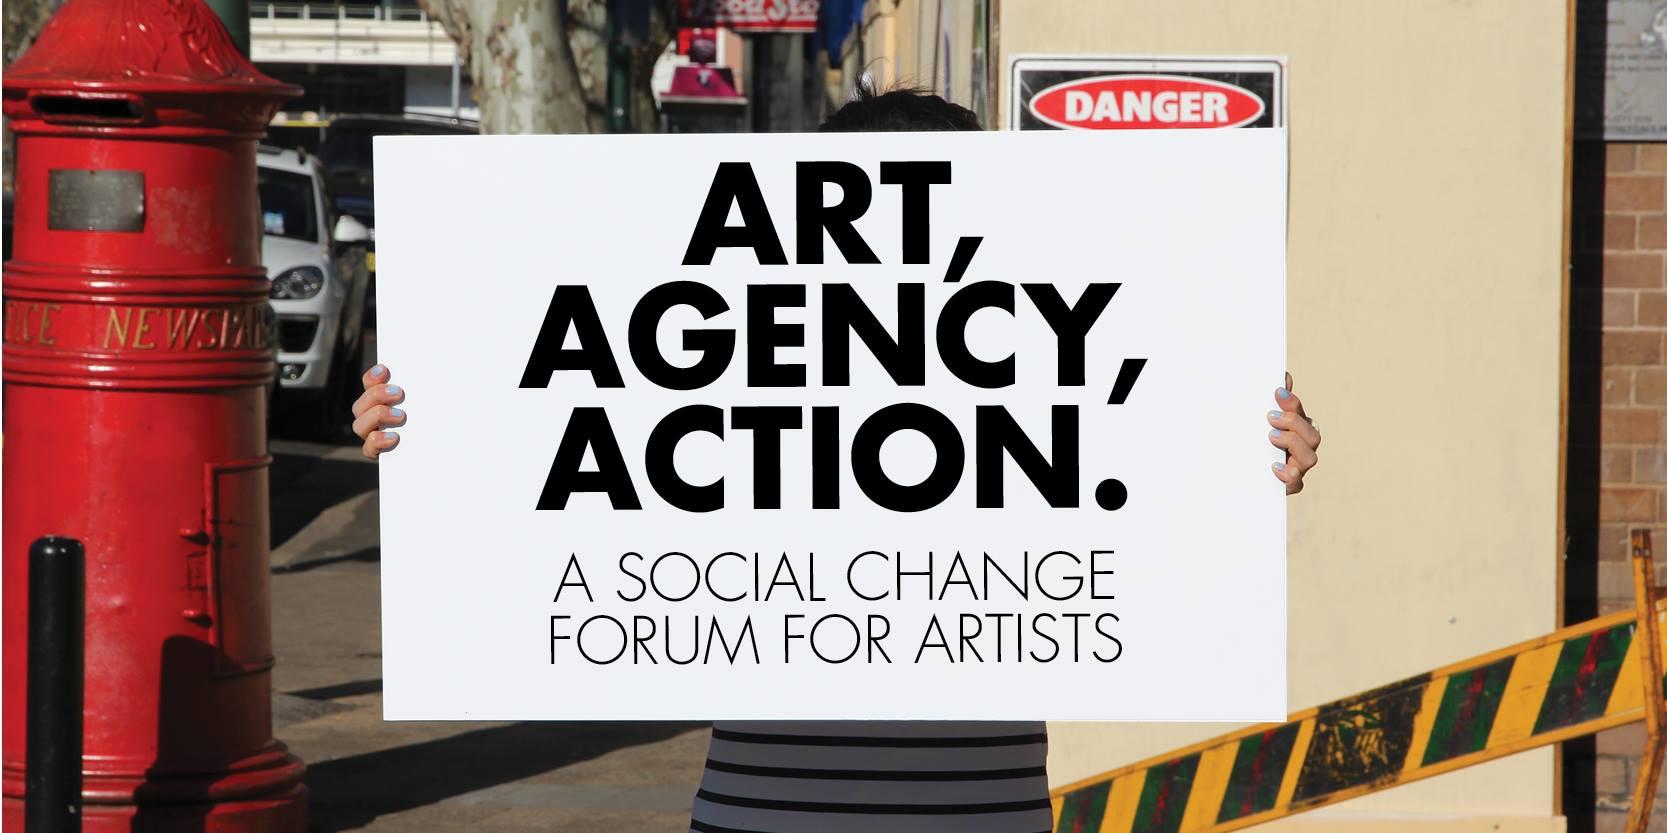 art-agency-action-sydney-firstdraft-nava-2017-July.jpg